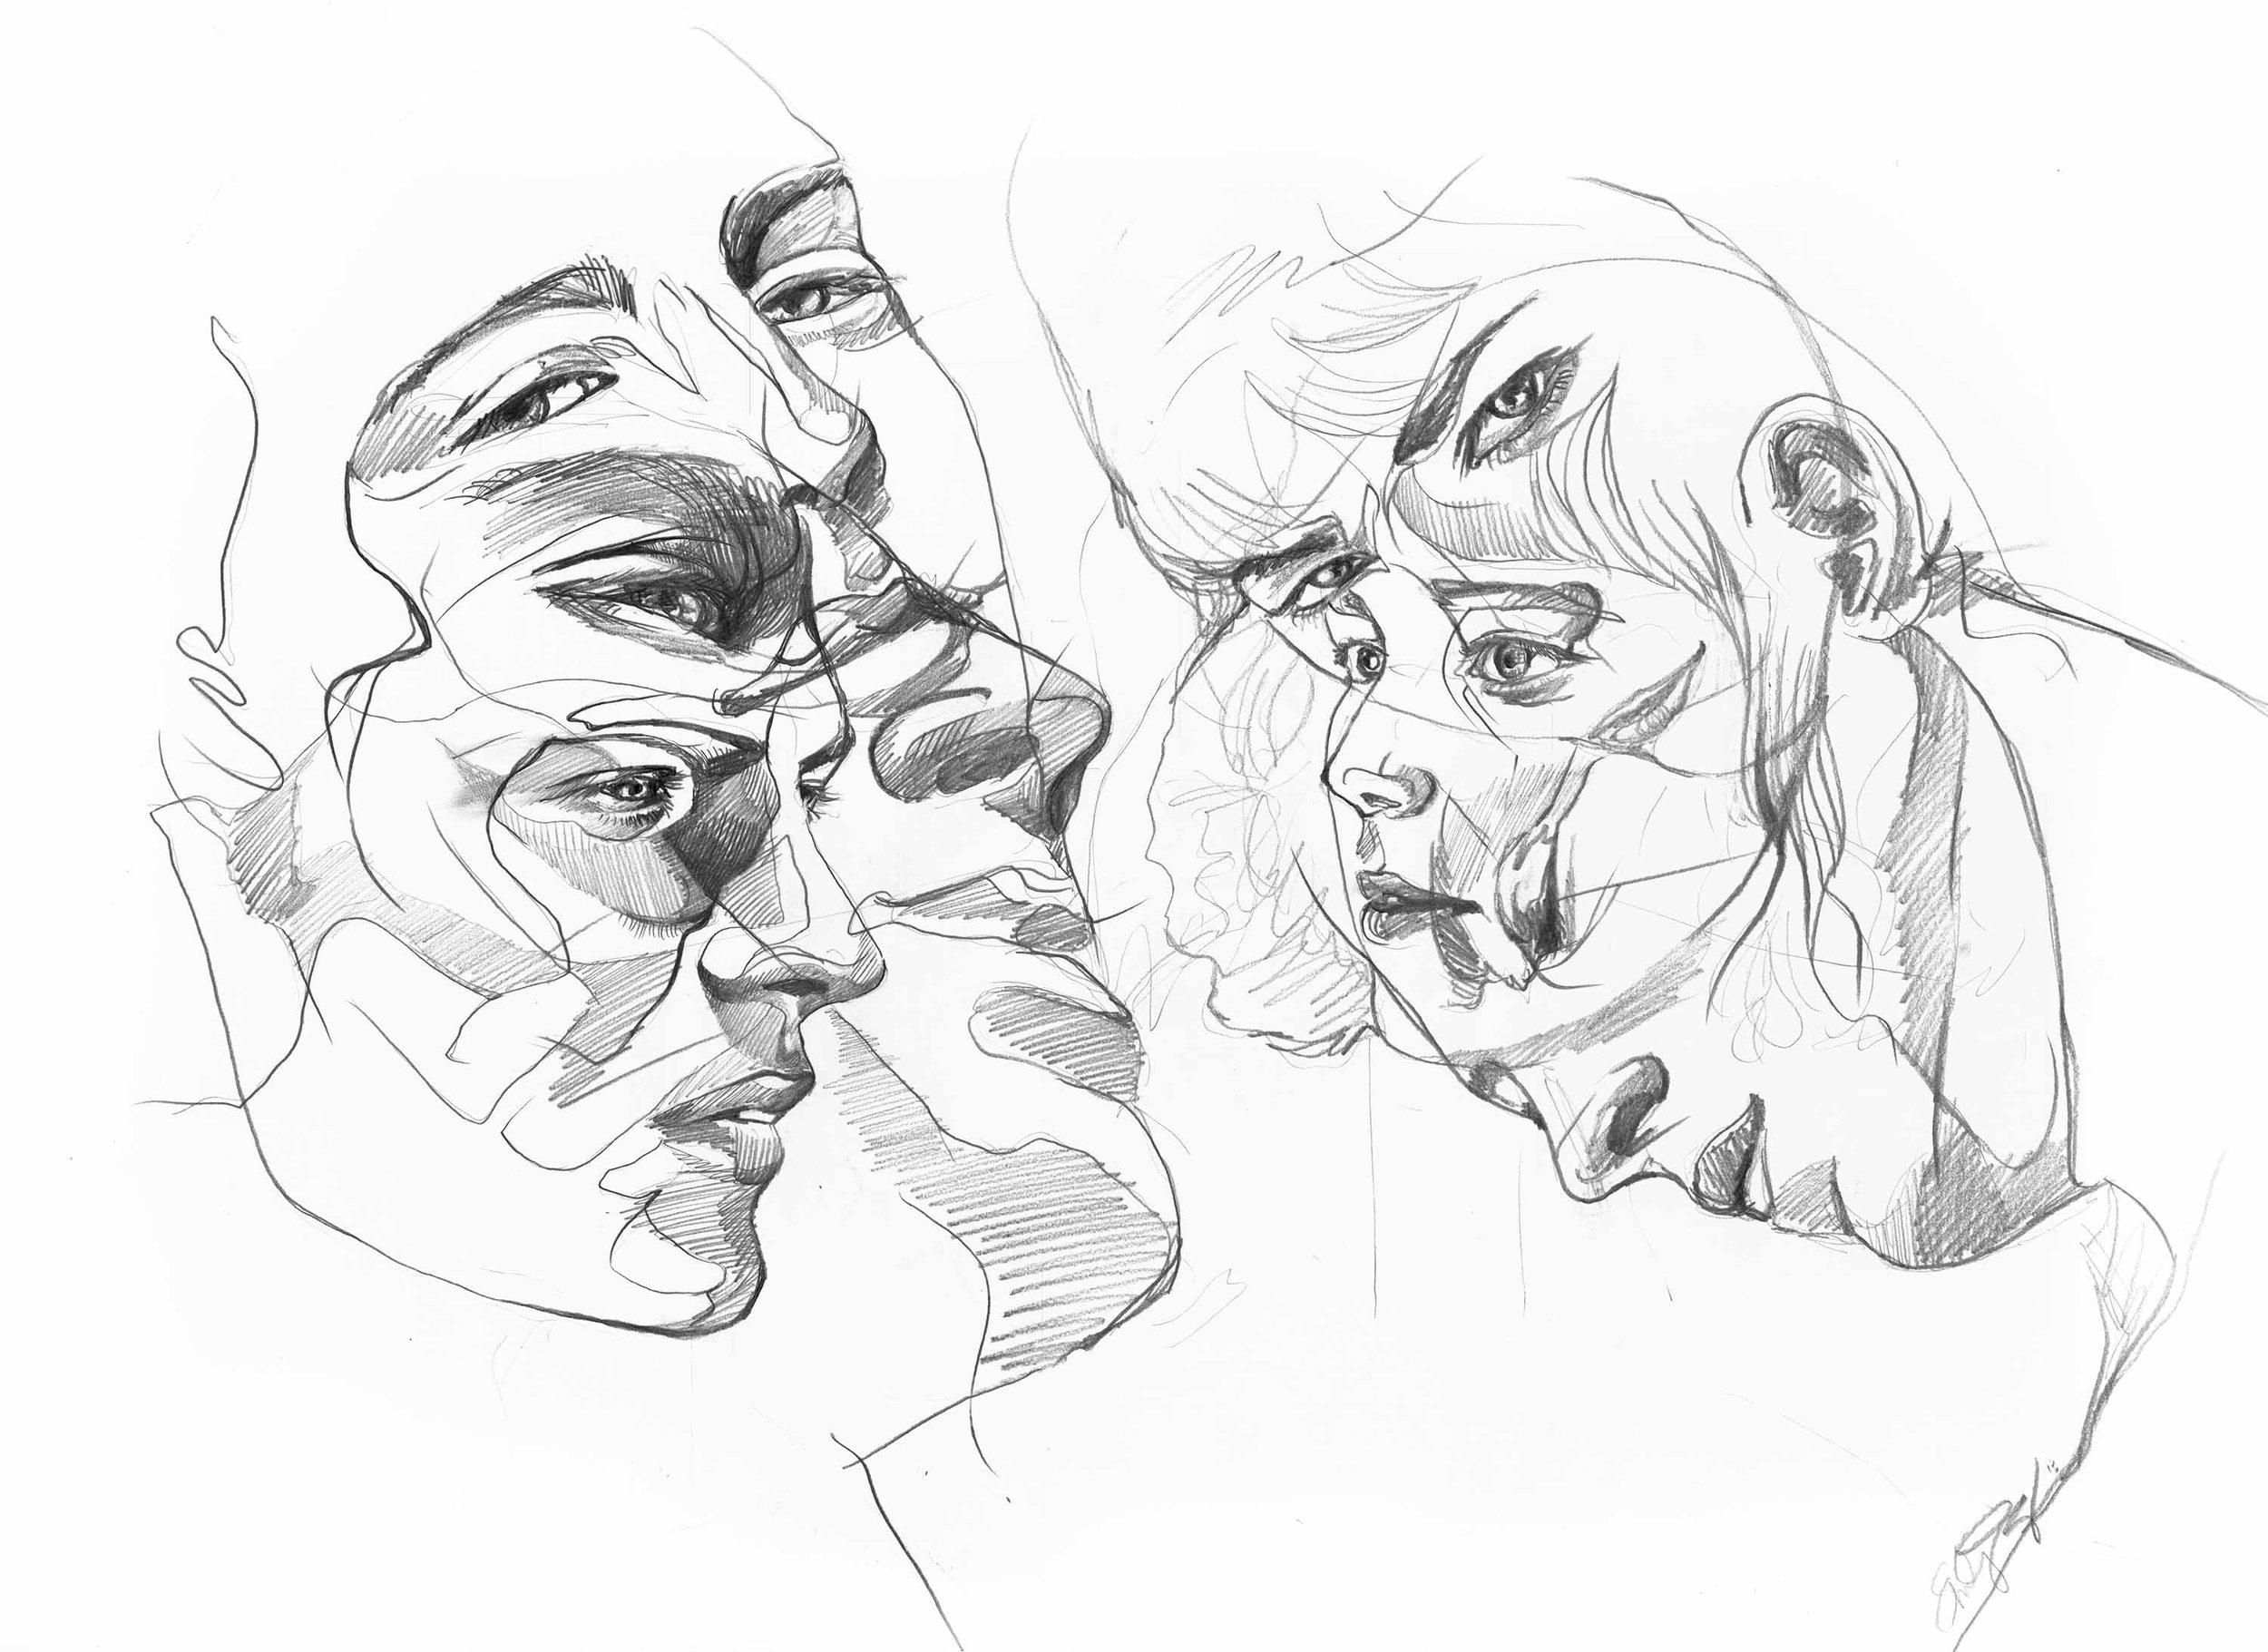 art-scan-06-3-imageopti.jpg